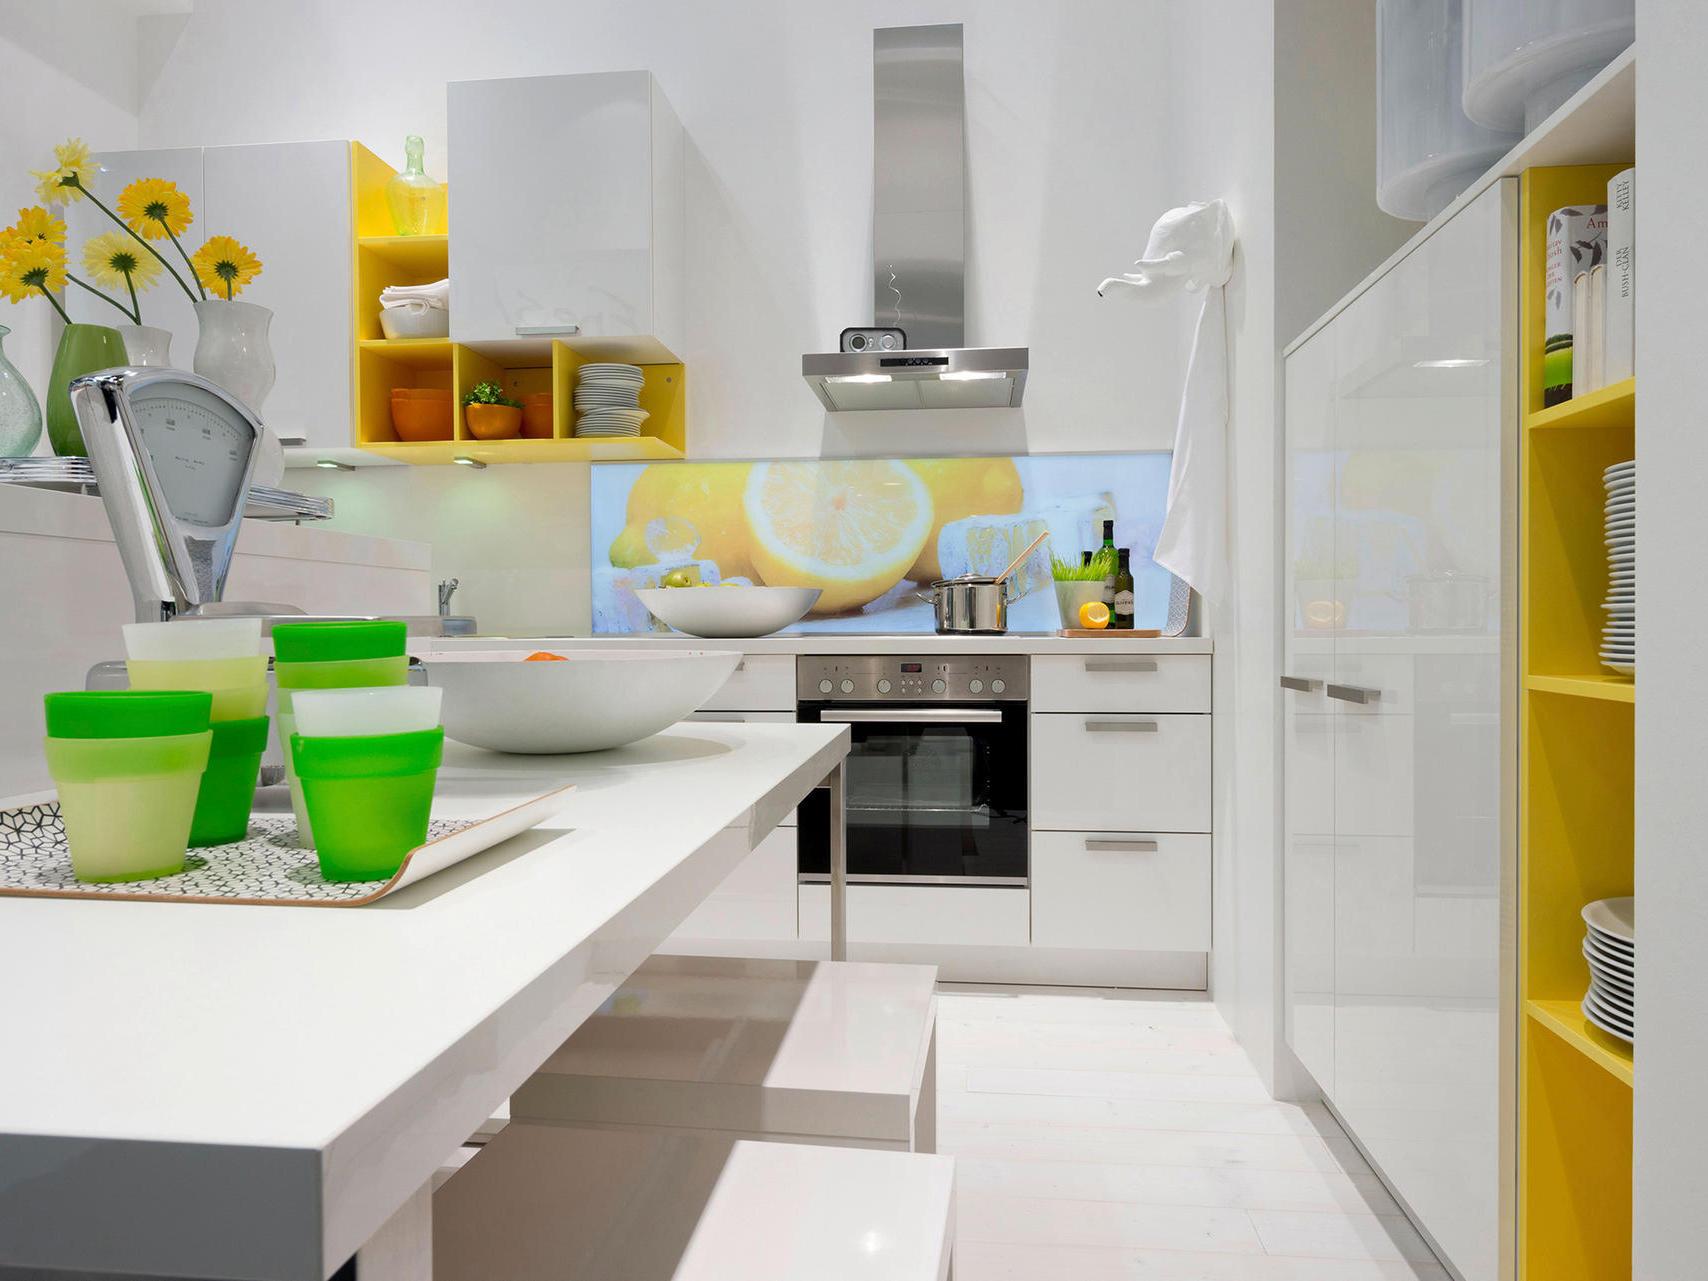 Full Size of Ikea Küche Kosten Bett Modern Design Günstig Mit Elektrogeräten Holzküche Wasserhahn Landhausküche Gebraucht Pendelleuchten Bodenbeläge Pantryküche Wohnzimmer Wandfliesen Küche Modern